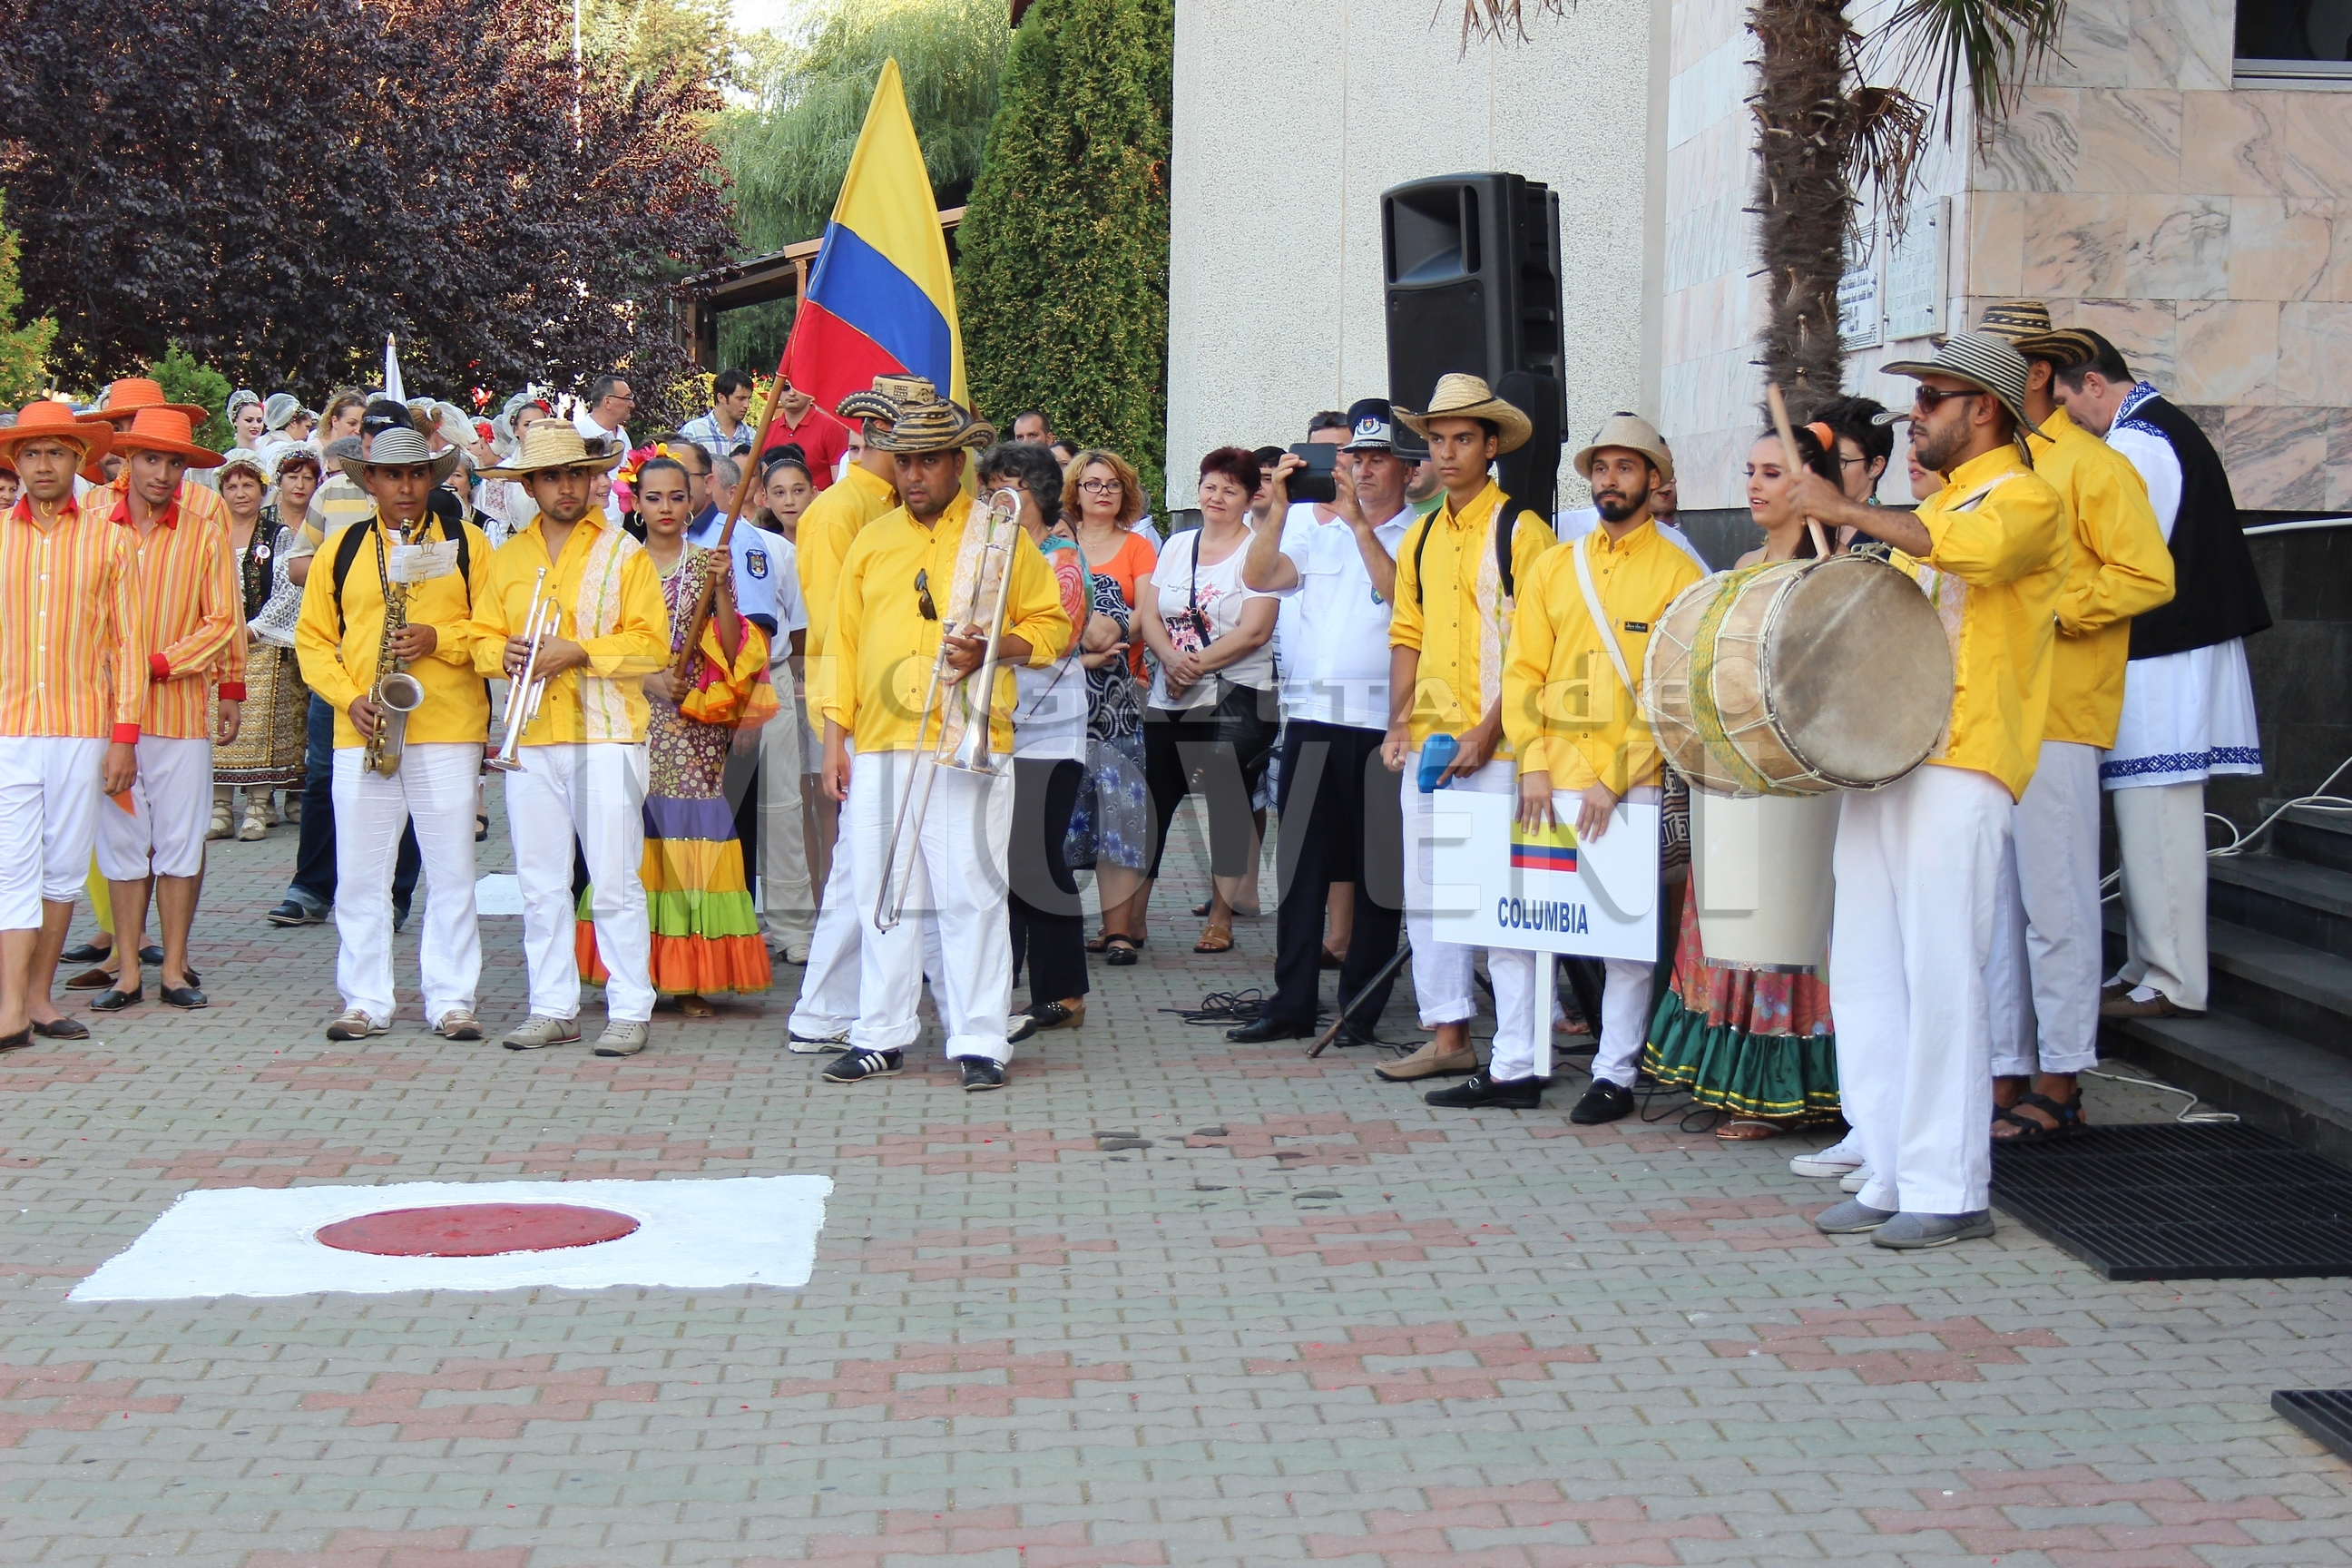 festivalul-international-de-folclor-carpati-mioveni-11-august-2016 (9)